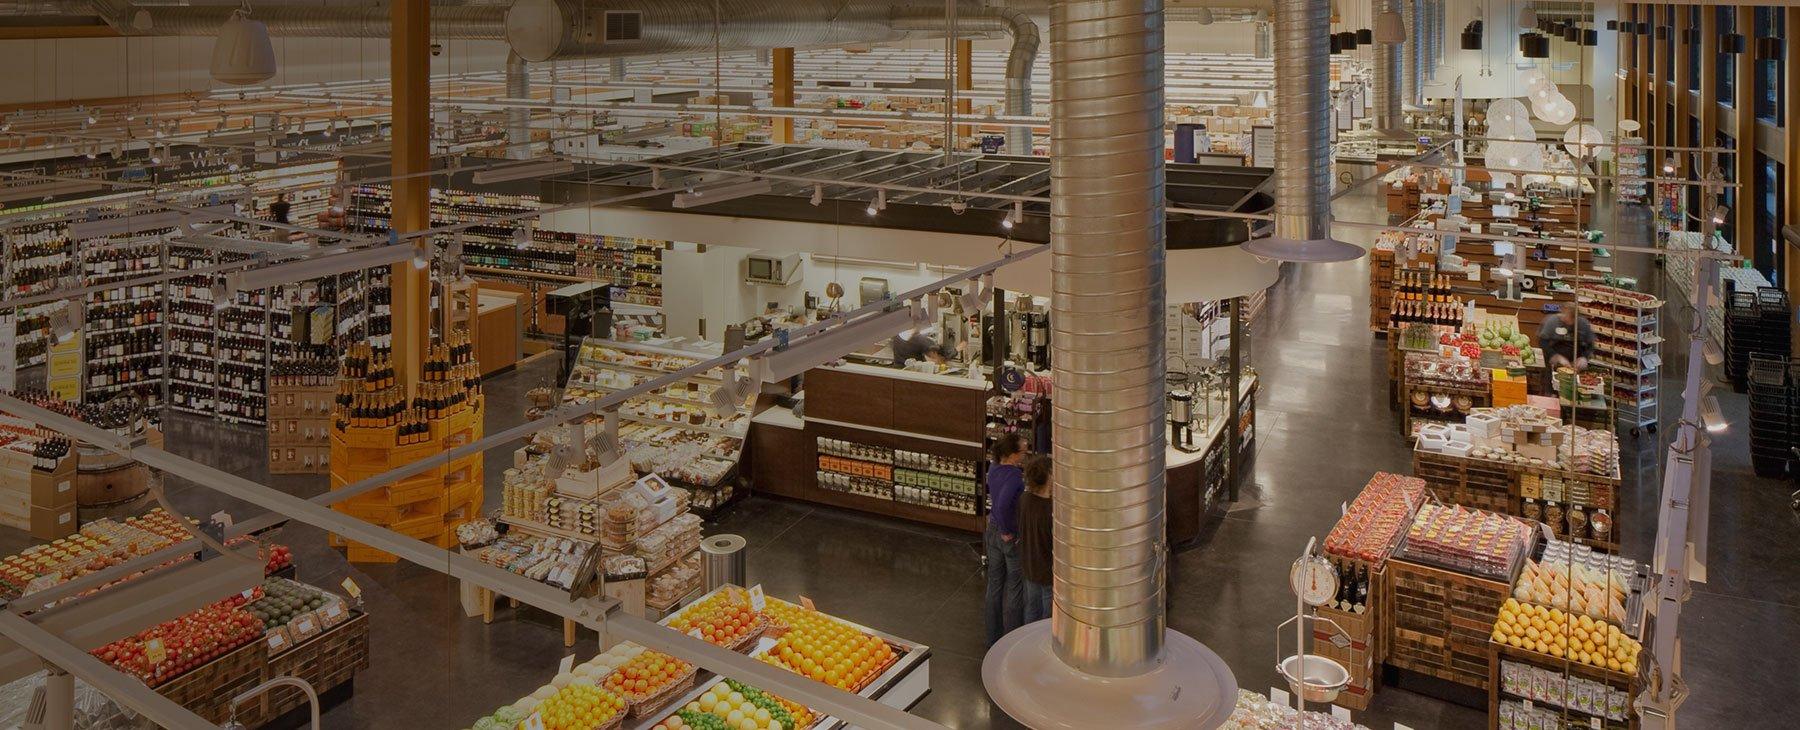 Supermarket fixture planning